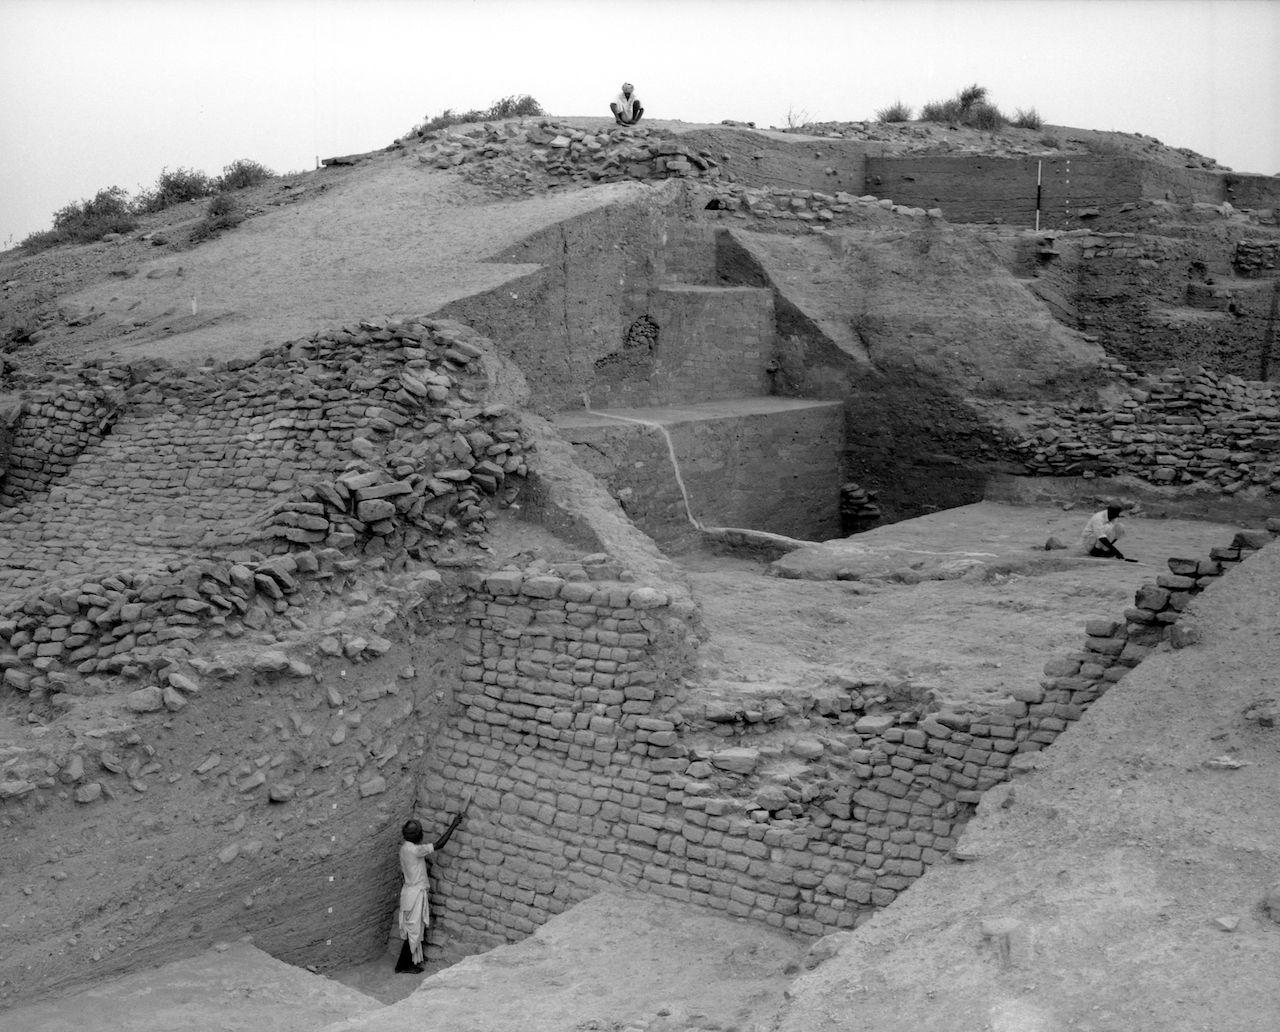 Dholavira: a Harappan City, India